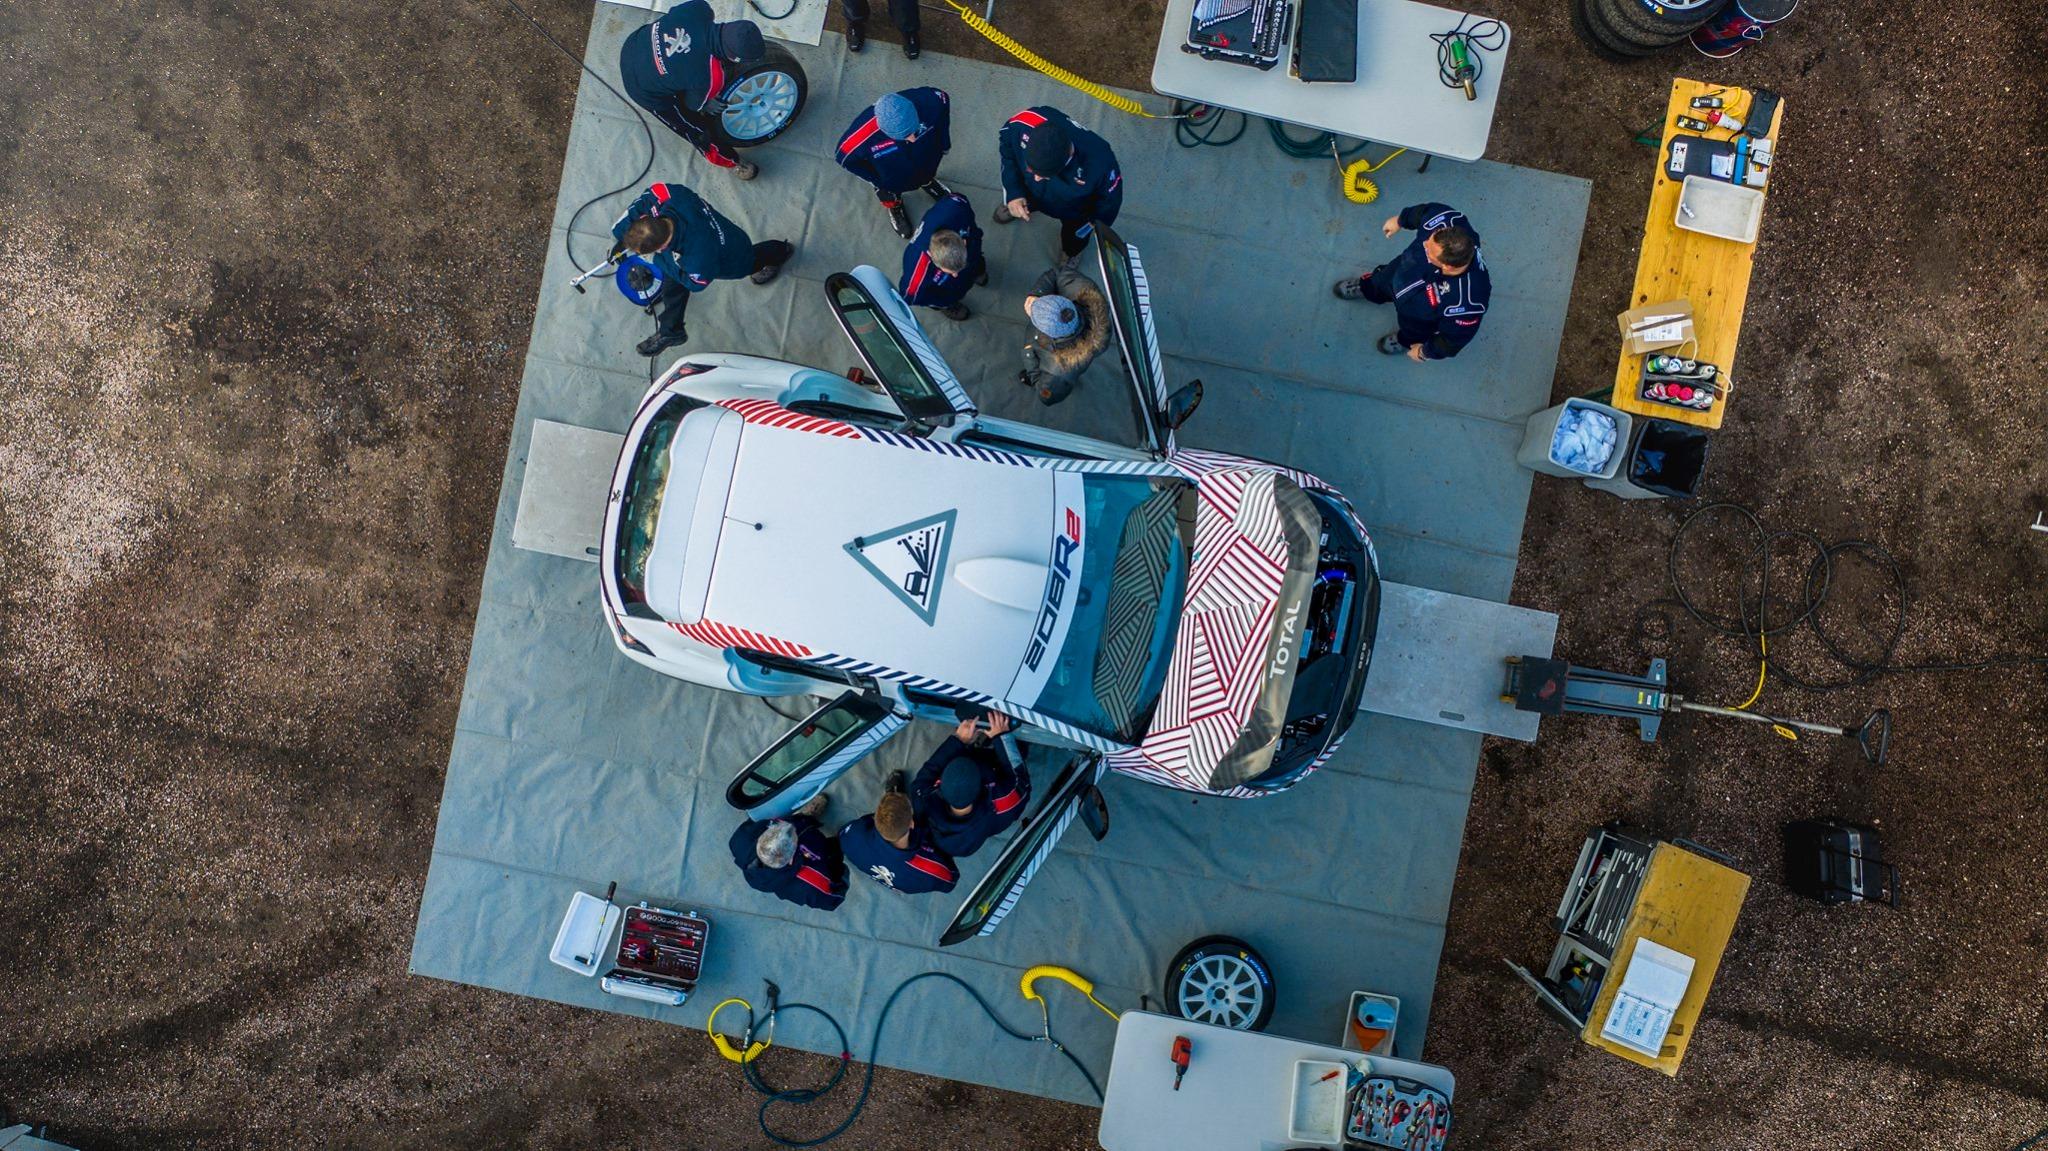 Calendrier modifié pour la 208 Rally Cup   Pilote de Course